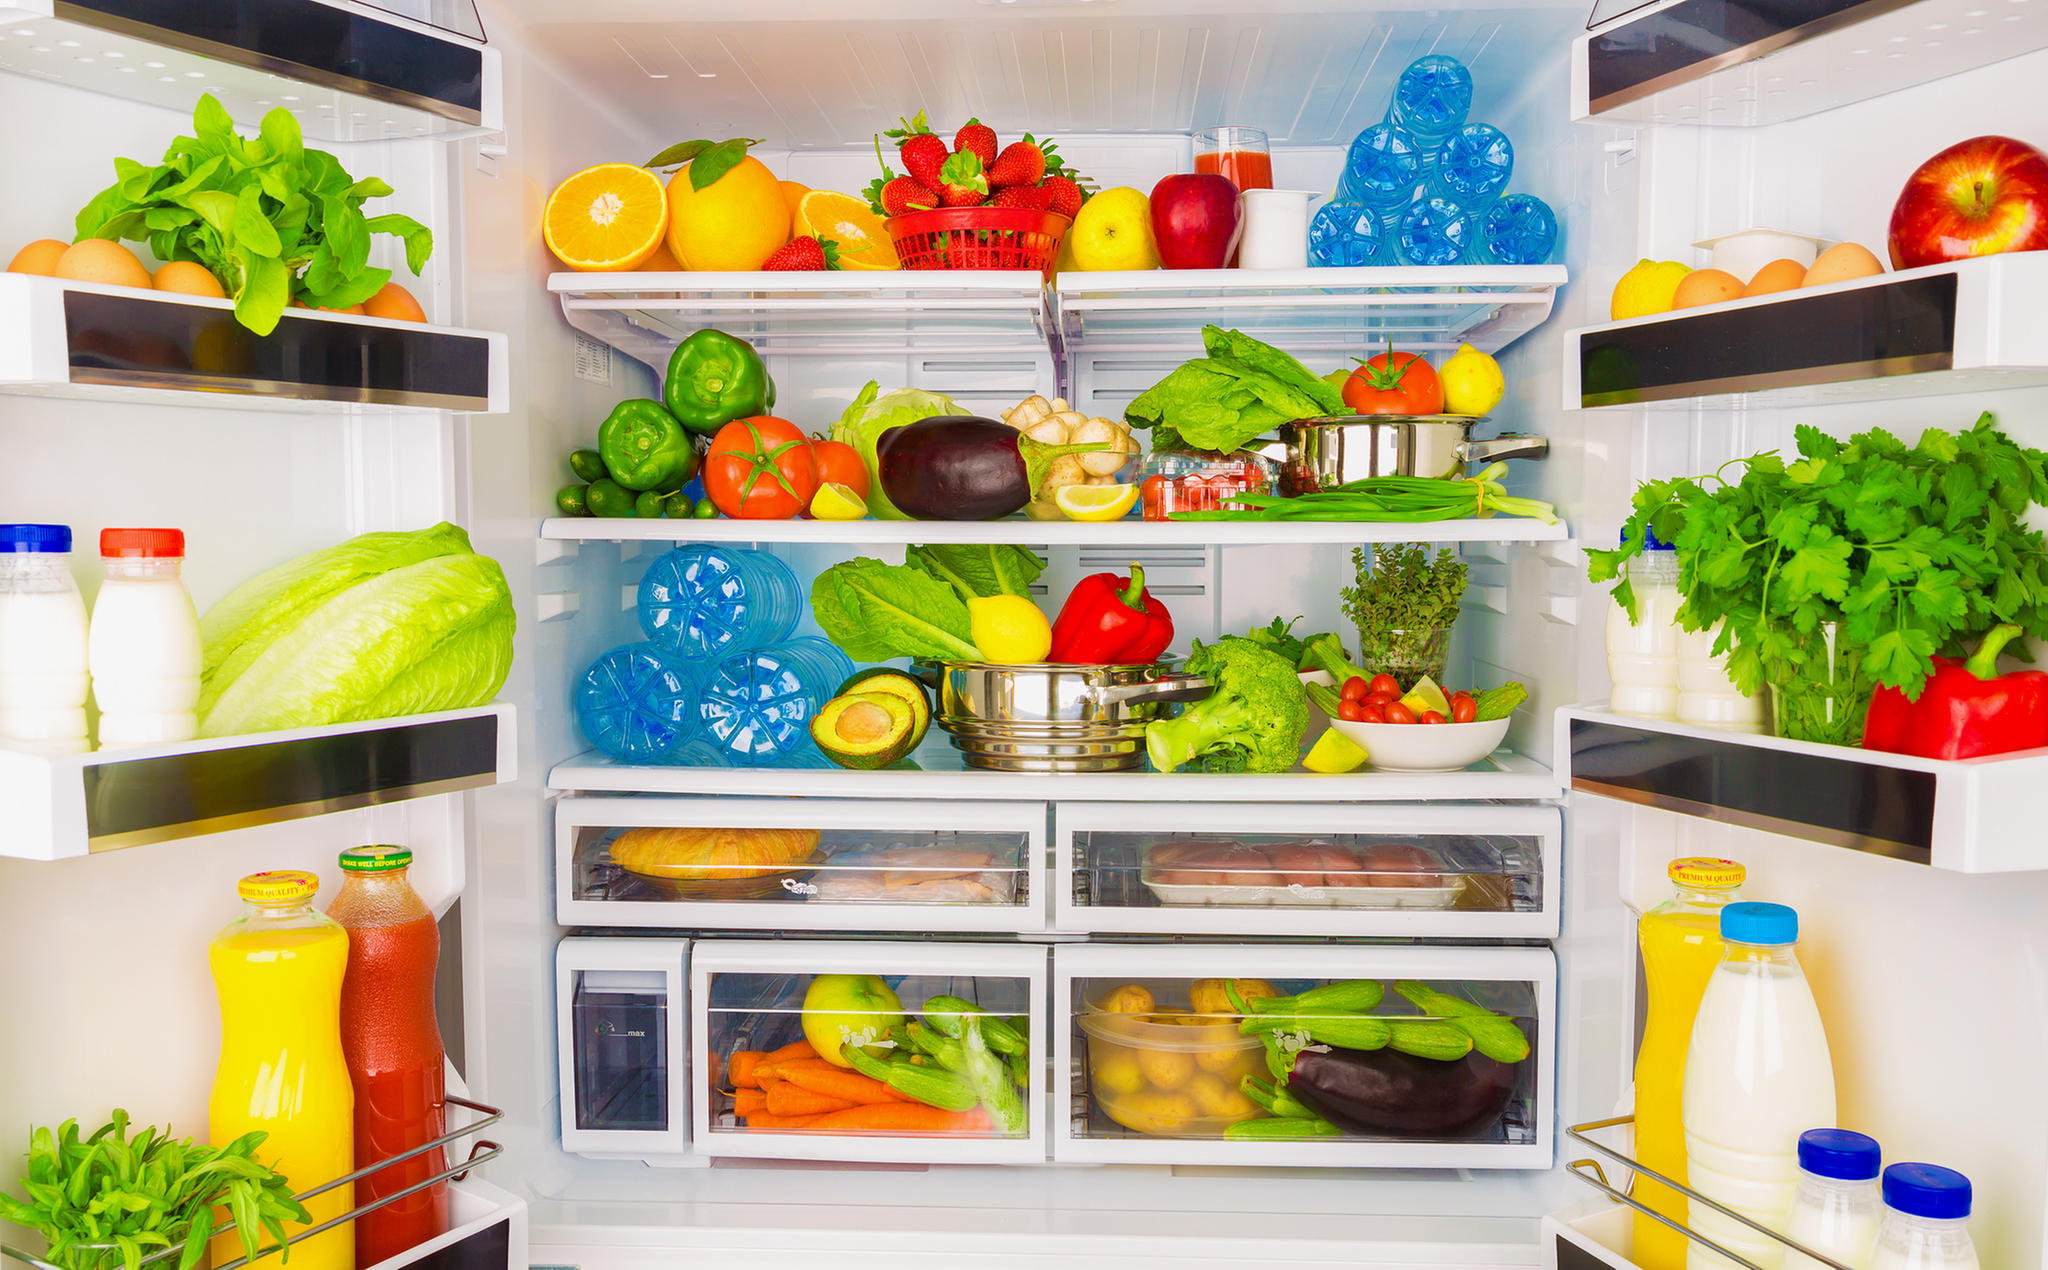 Kühlschrank | STERN.de